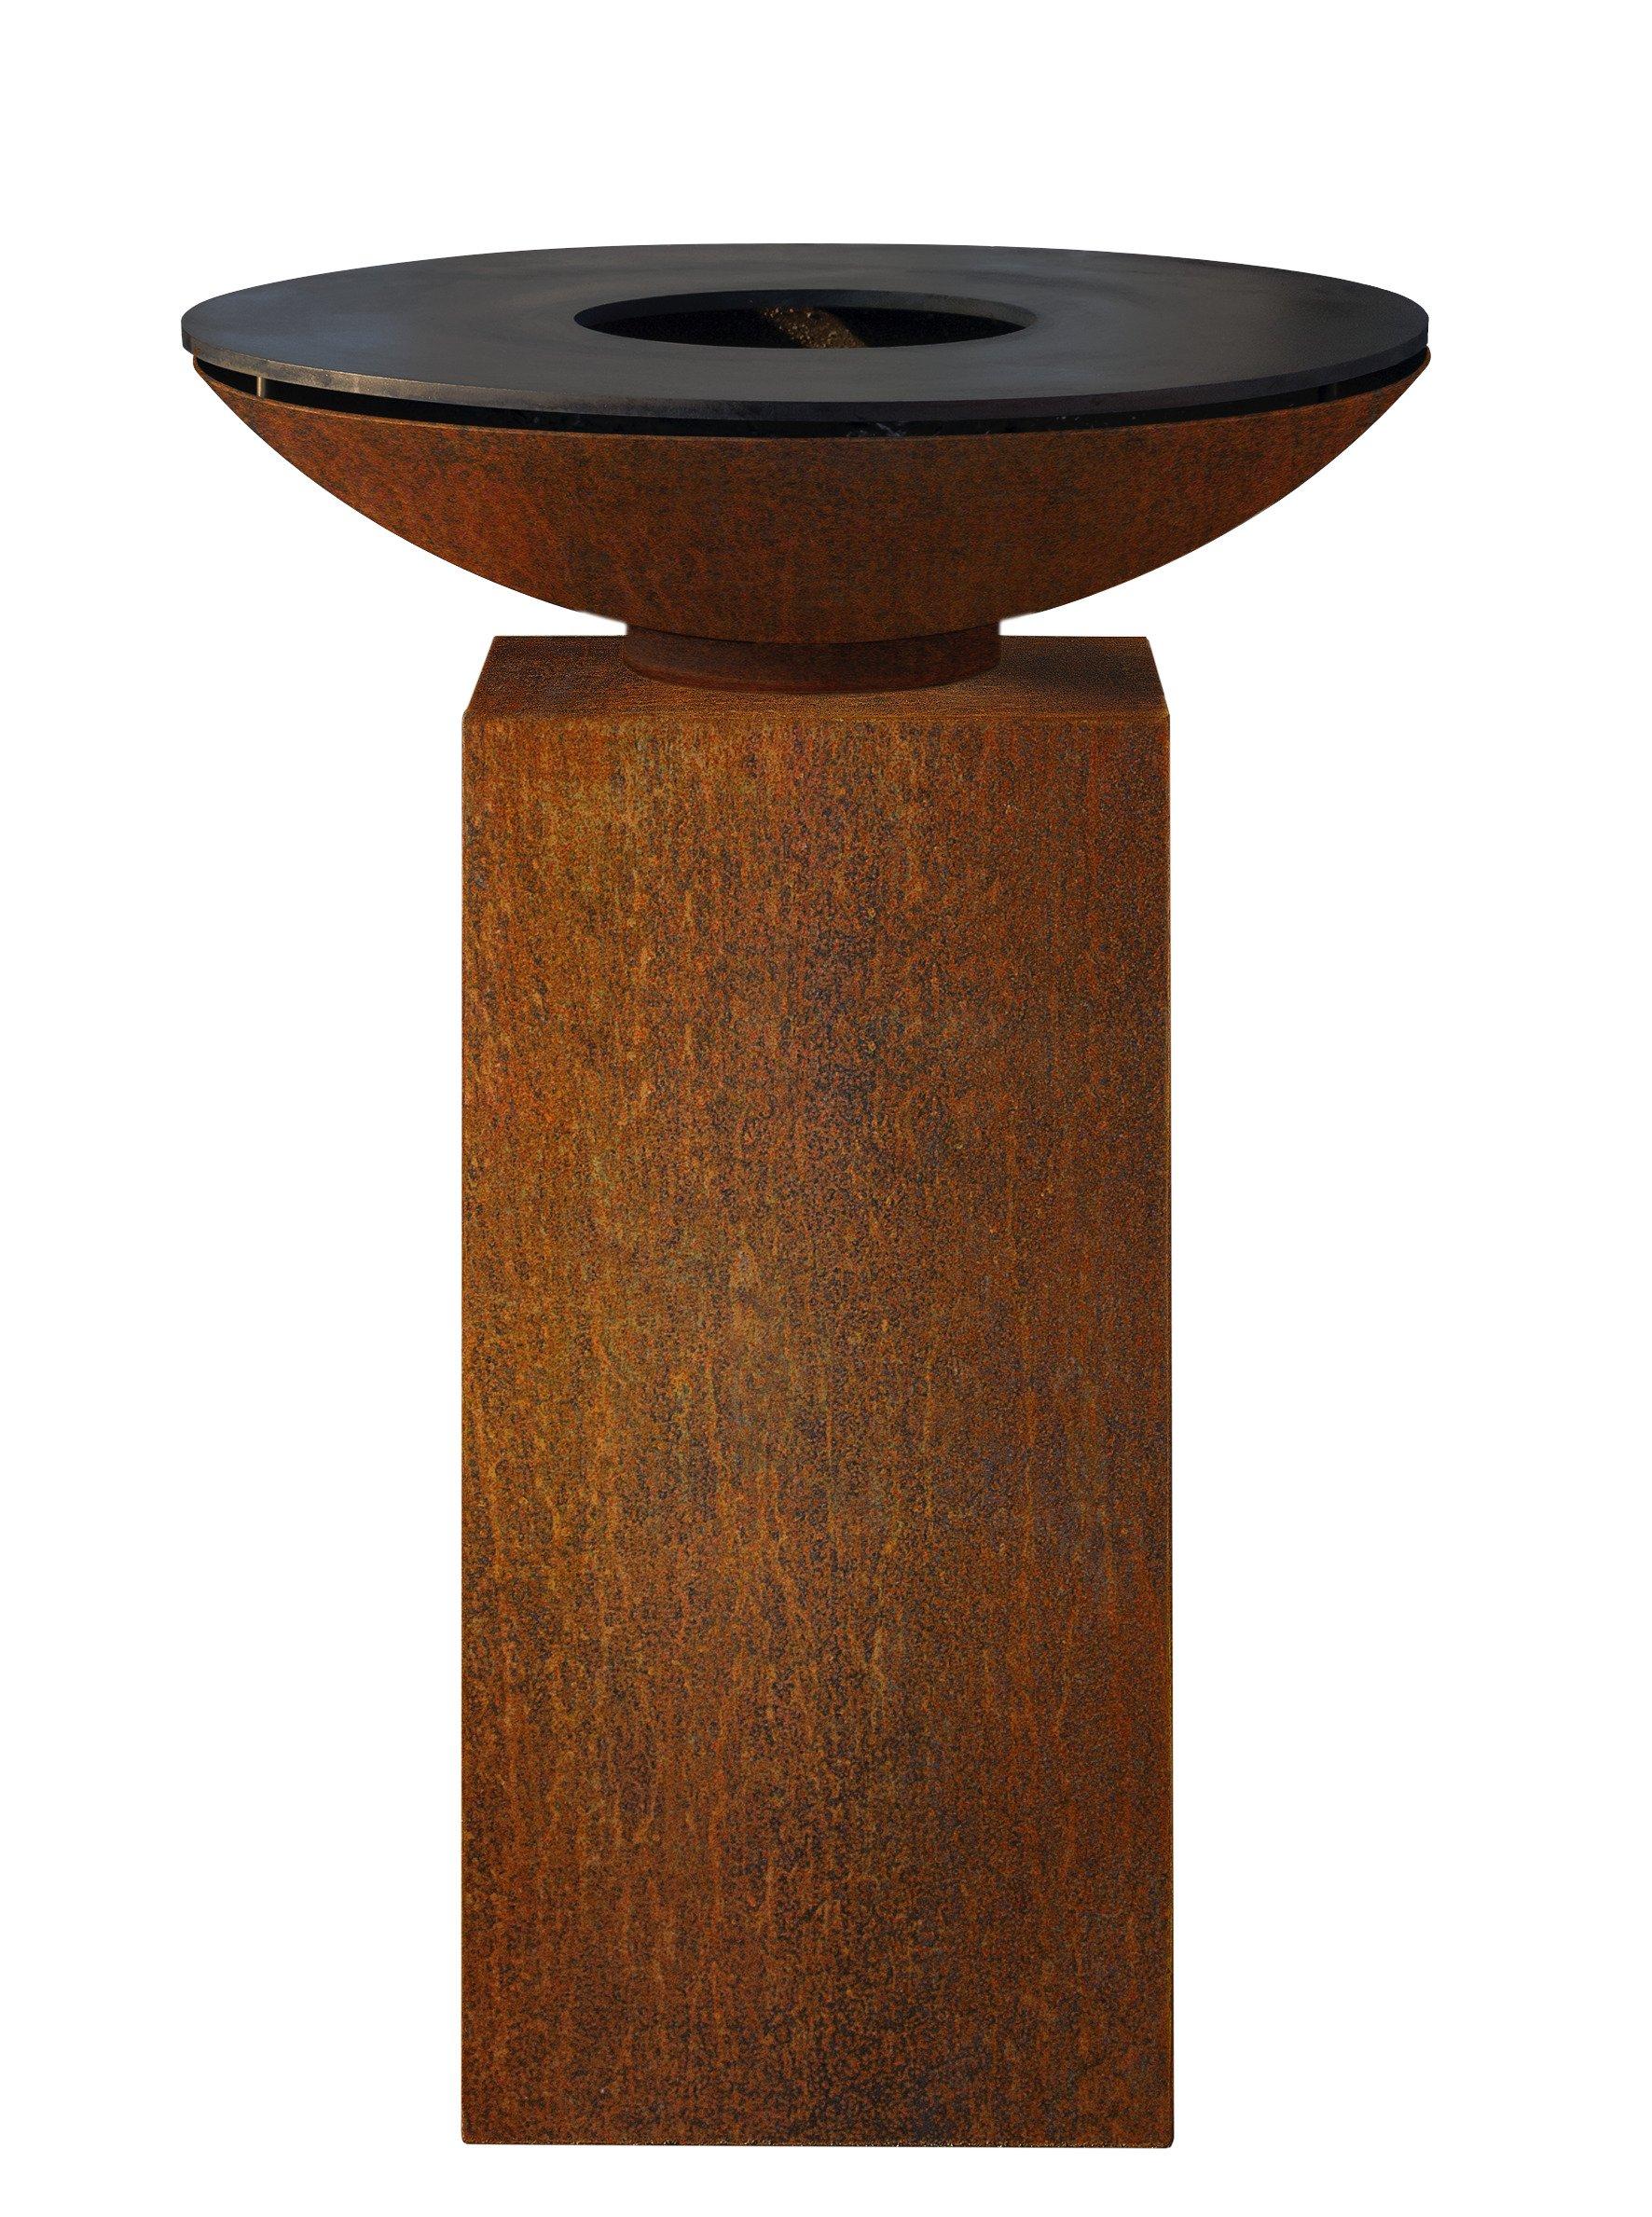 Enlever Rouille Sur Plancha En Fonte foyer sur socle avec plaque de cuisson Ø80 cm | piscineshop.be